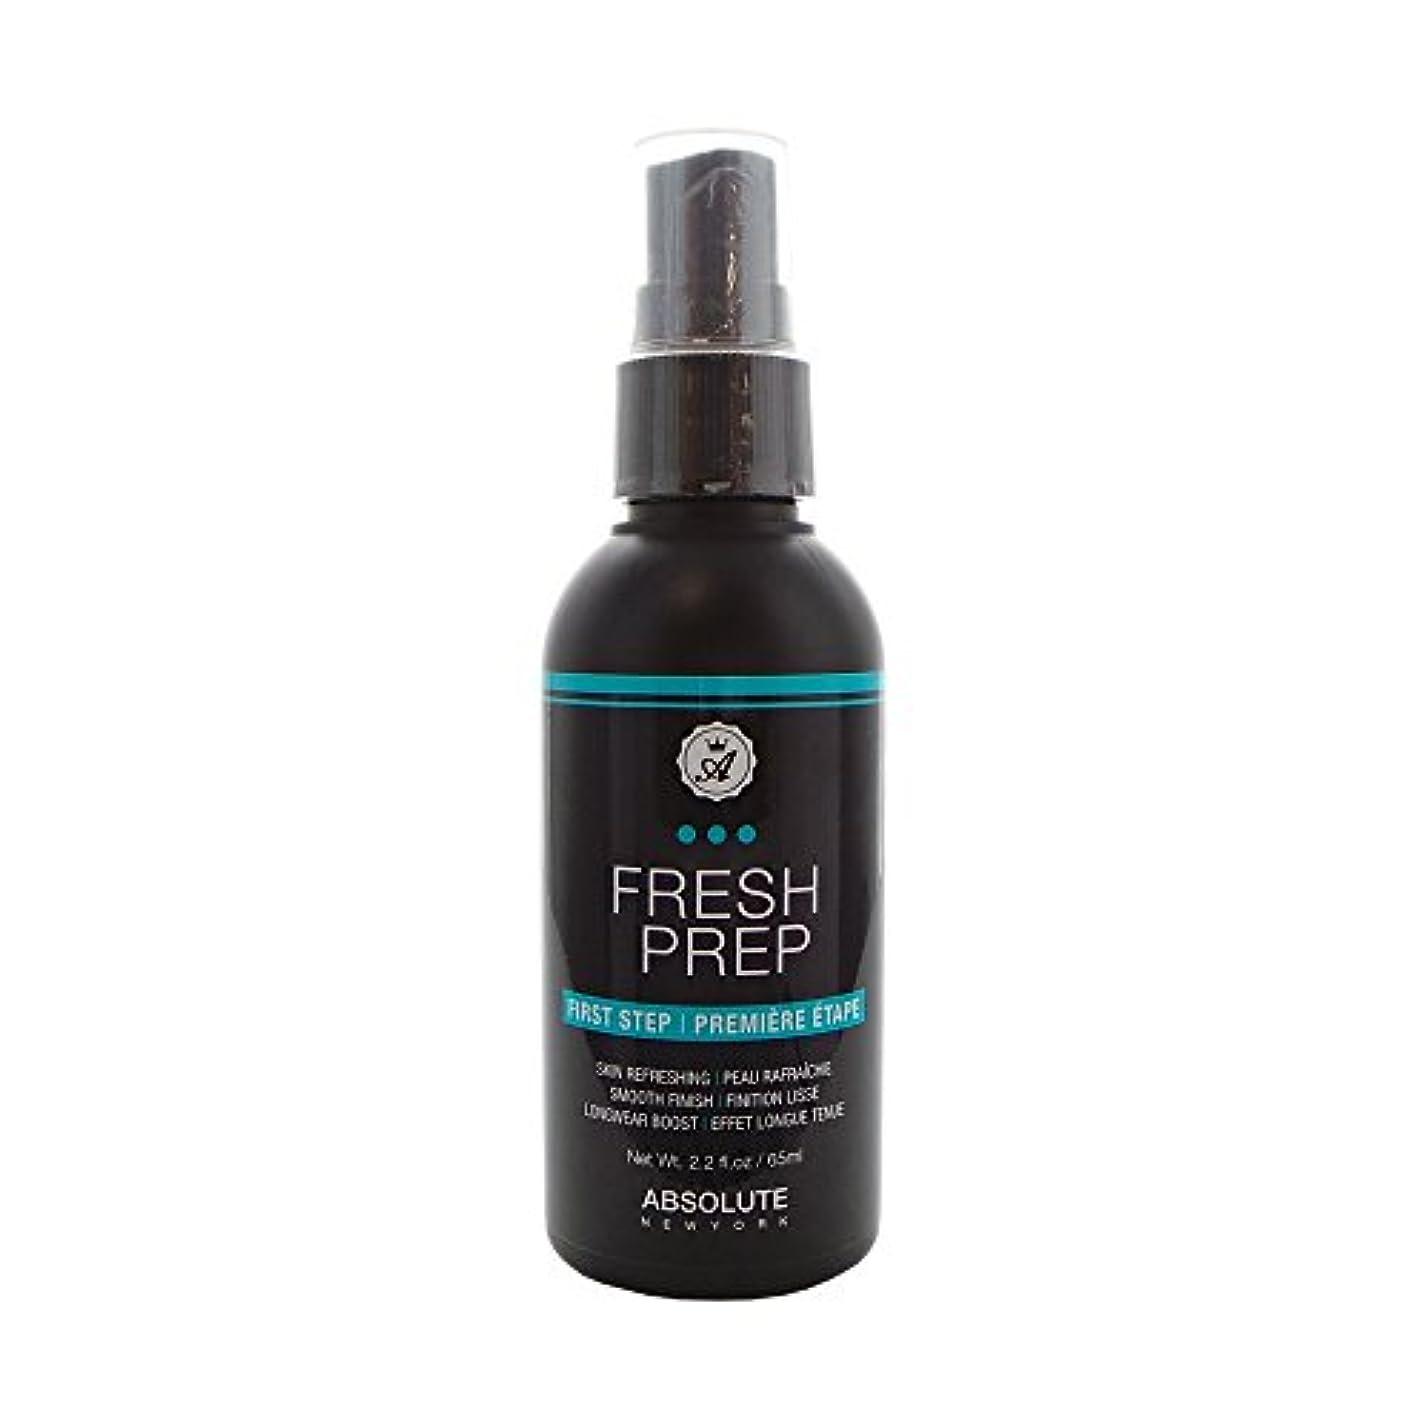 文房具程度バレーボール(6 Pack) ABSOLUTE Fresh Prep Primer Spray (並行輸入品)